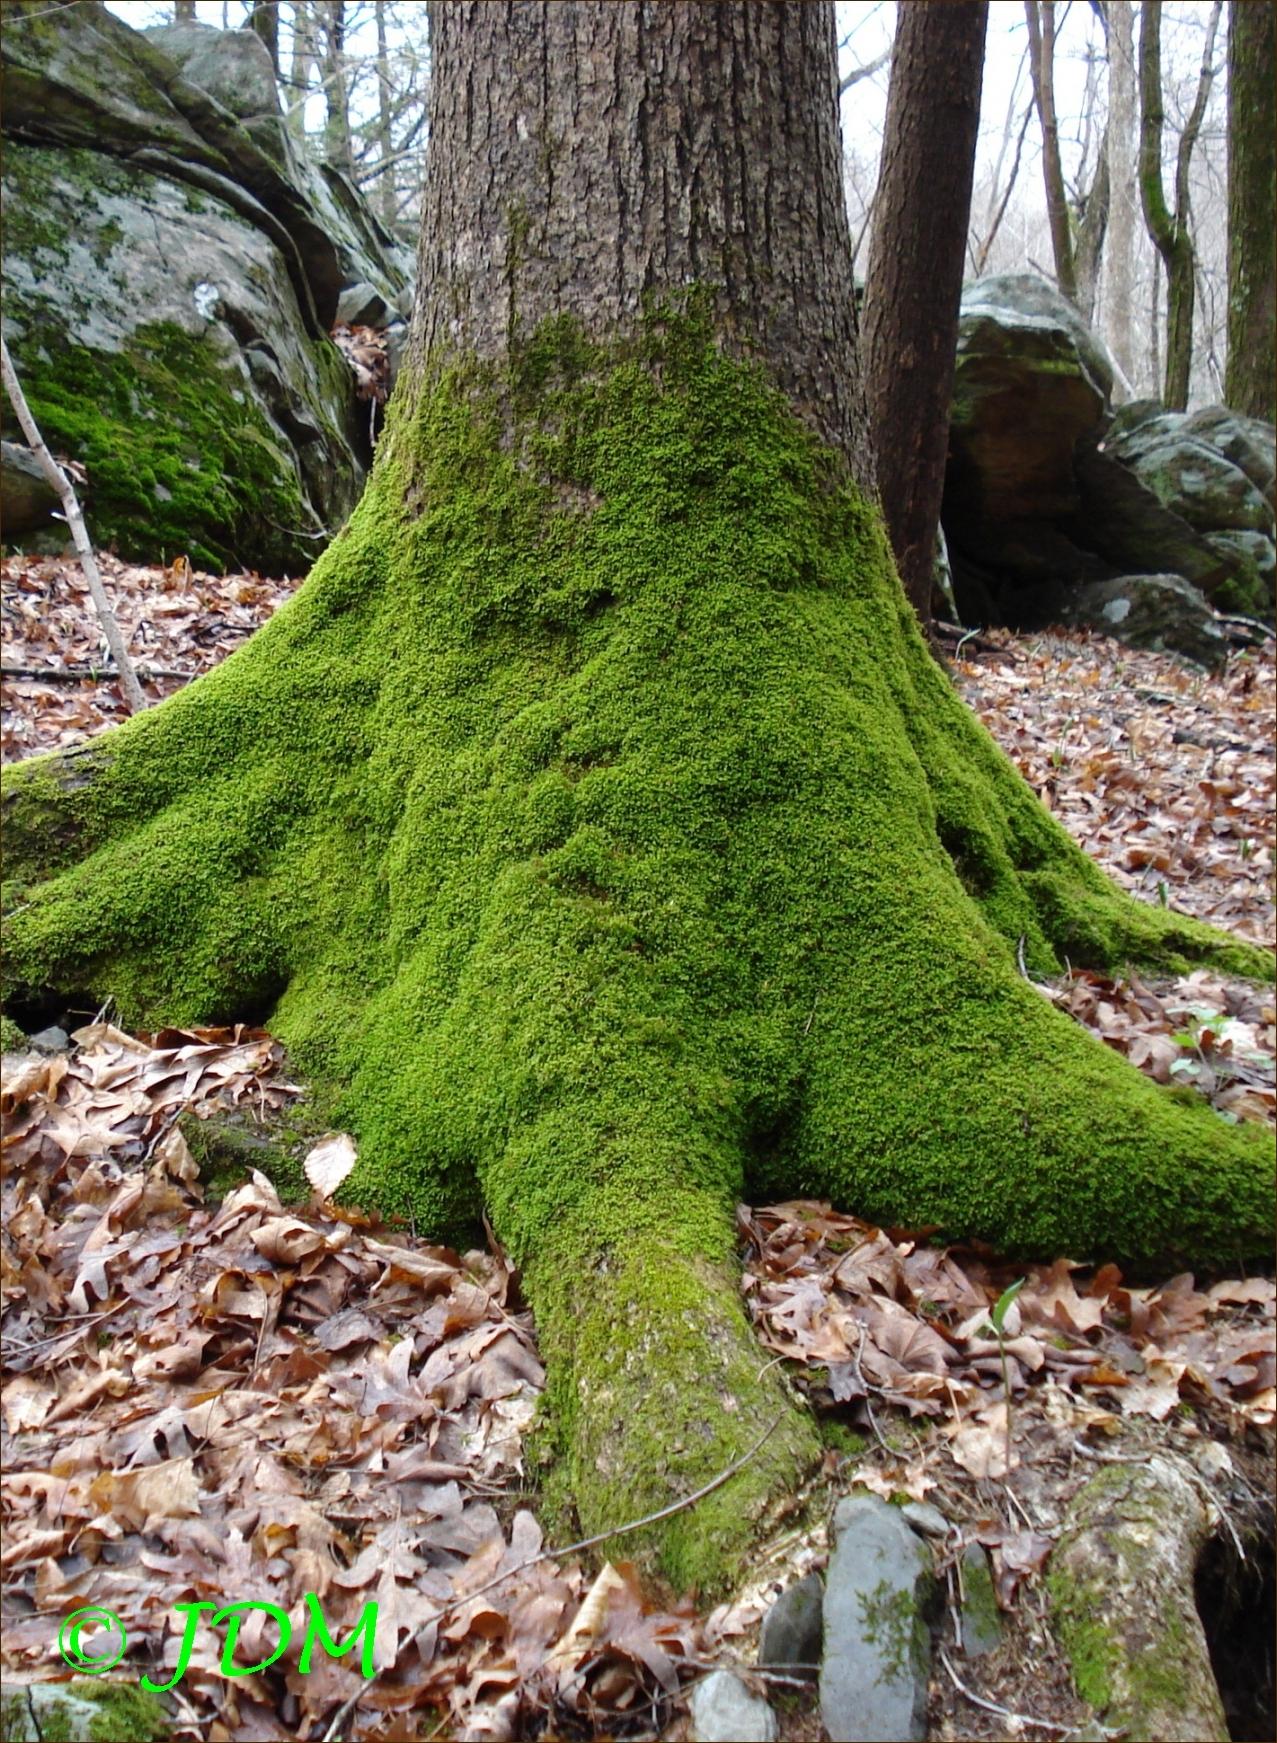 Free photo: Moss on tree - Dead, Green, Moss - Free Download - Jooinn